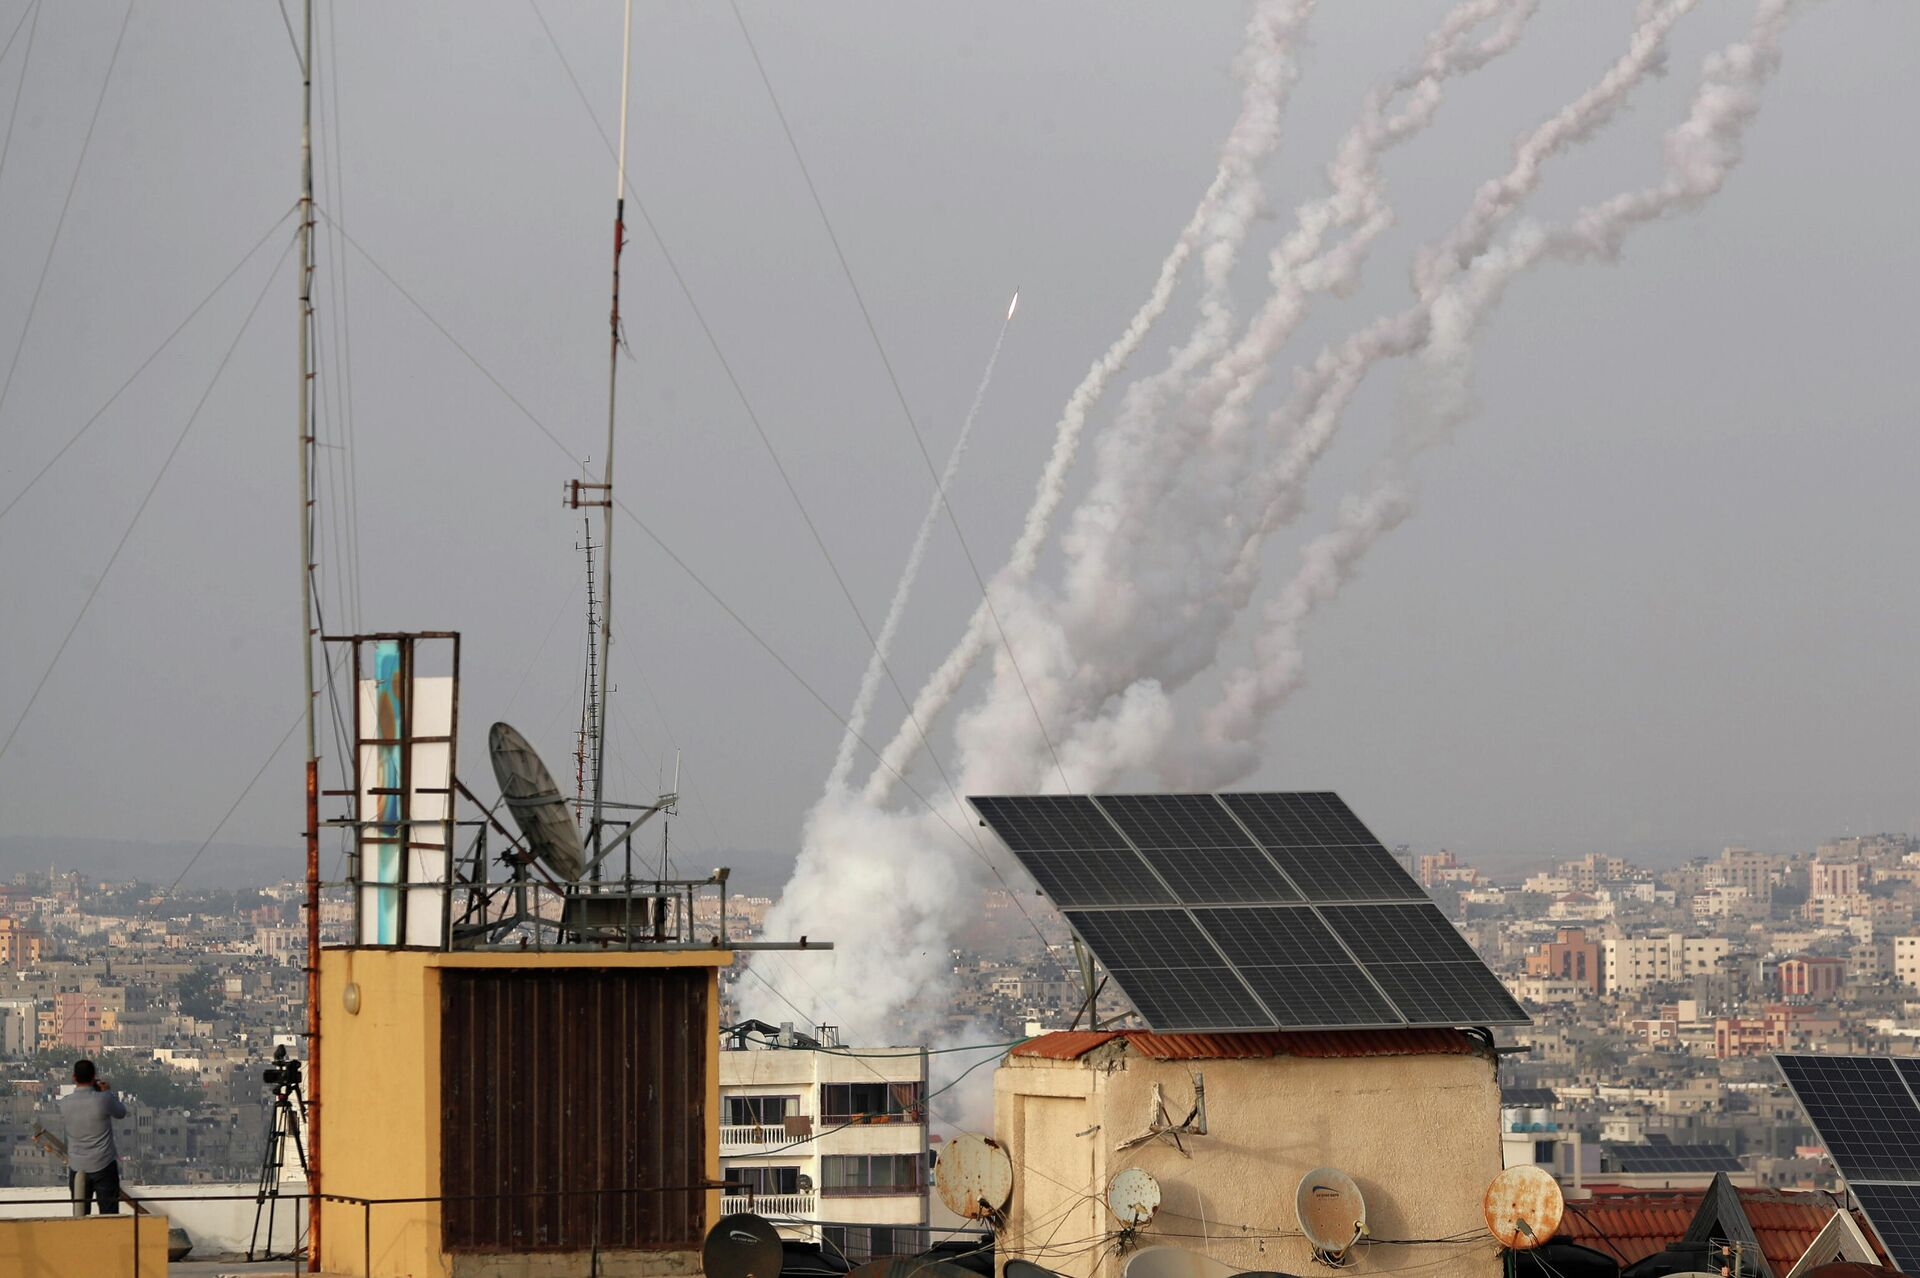 Израиль заявил о пуске около 150 ракет из сектора Газа